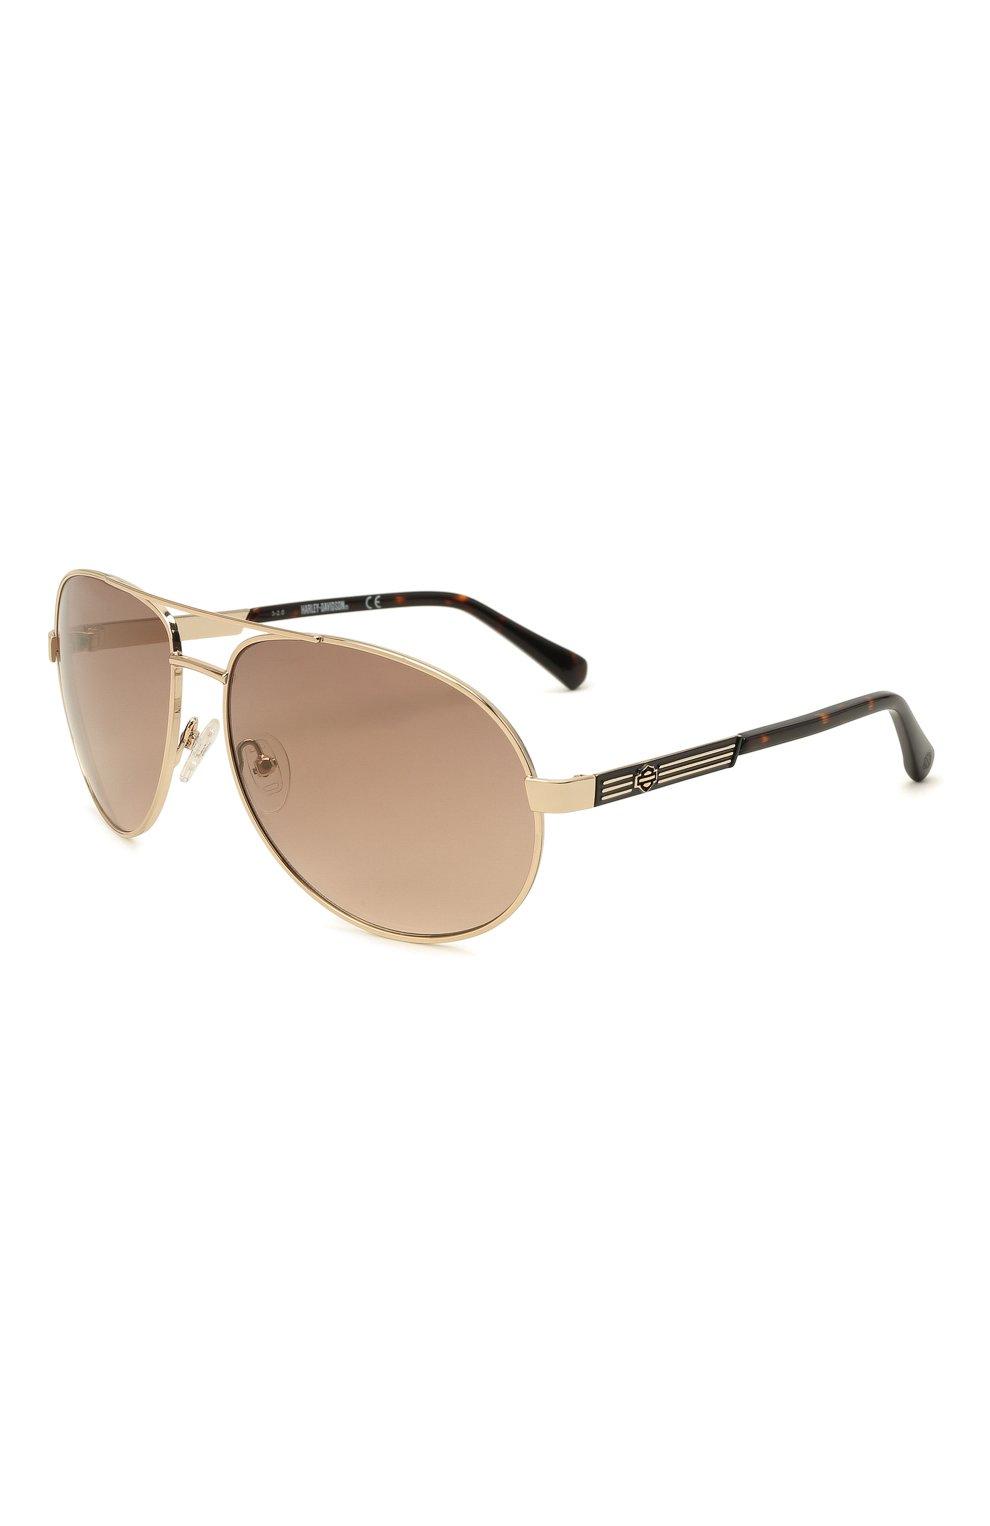 Мужские солнцезащитные очки HARLEY-DAVIDSON коричневого цвета, арт. HD 0954X 32G   Фото 1 (Тип очков: С/з; Очки форма: Авиаторы; Оптика Гендер: оптика-мужское)